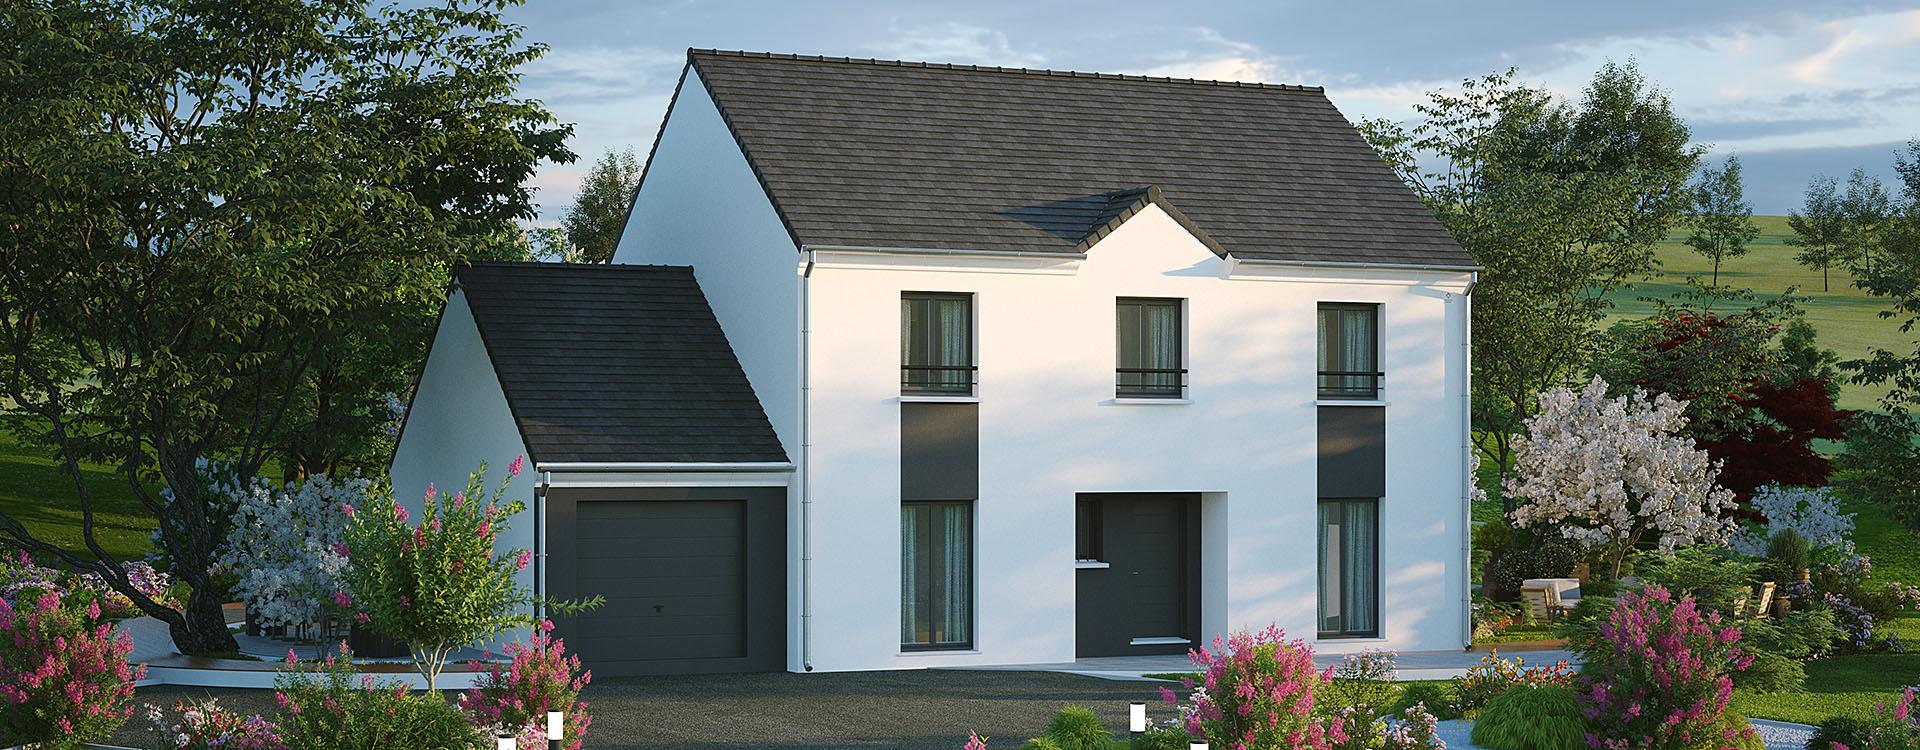 Maisons du constructeur MAISONS PIERRE PUISEUX PONTOISE • 151 m² • VAUREAL